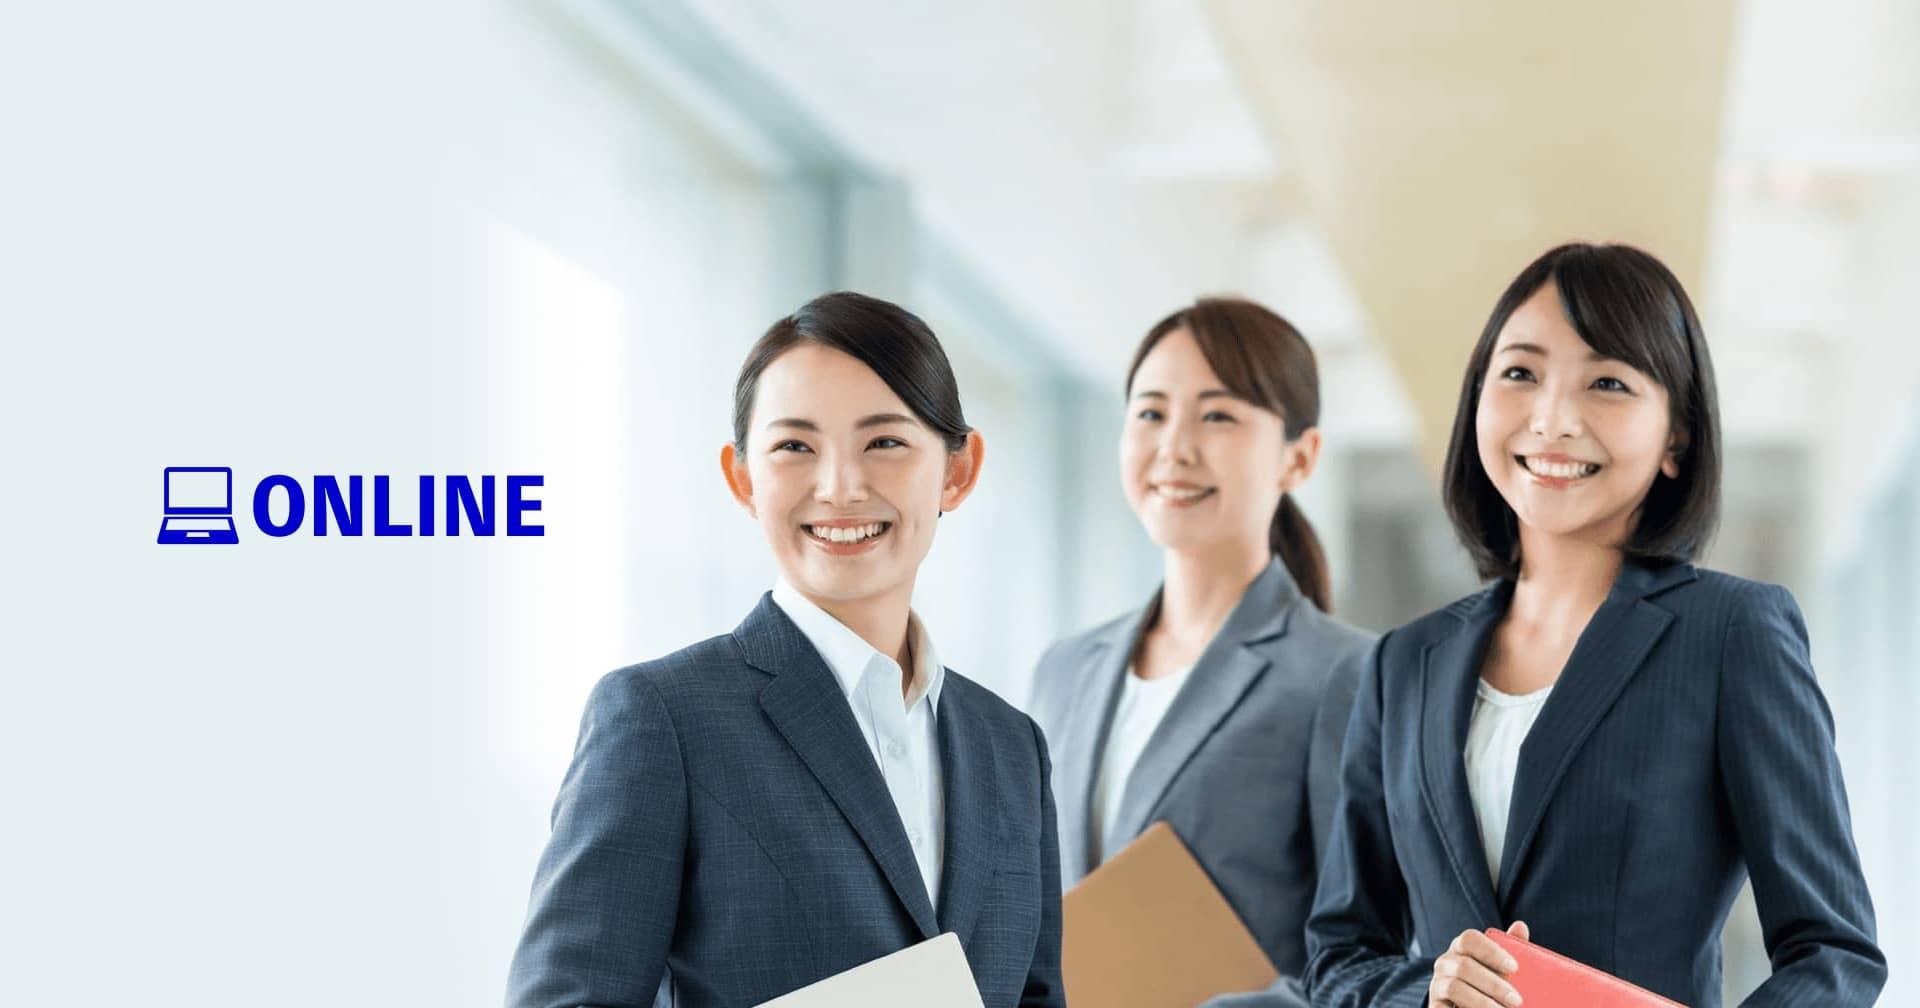 《セット受講》【オンライン版】新入社員研修 フォローアップコース